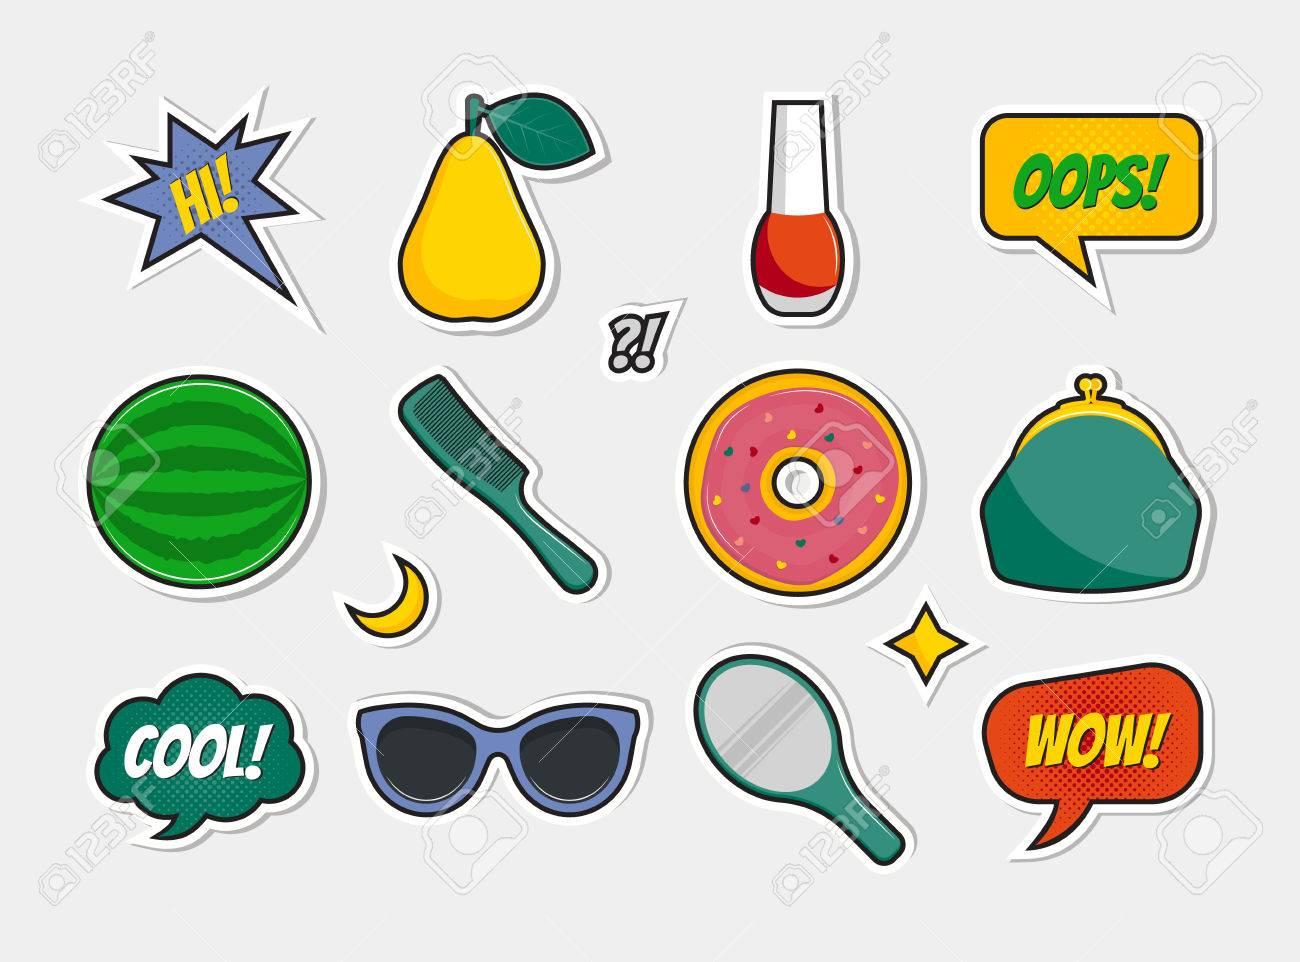 Vector Conjunto De Insignias Iconos Pegatinas Parches Pins Con Pera Barniz Sandía Peine Donut Monedero Gafas De Sol Espejo Burbujas